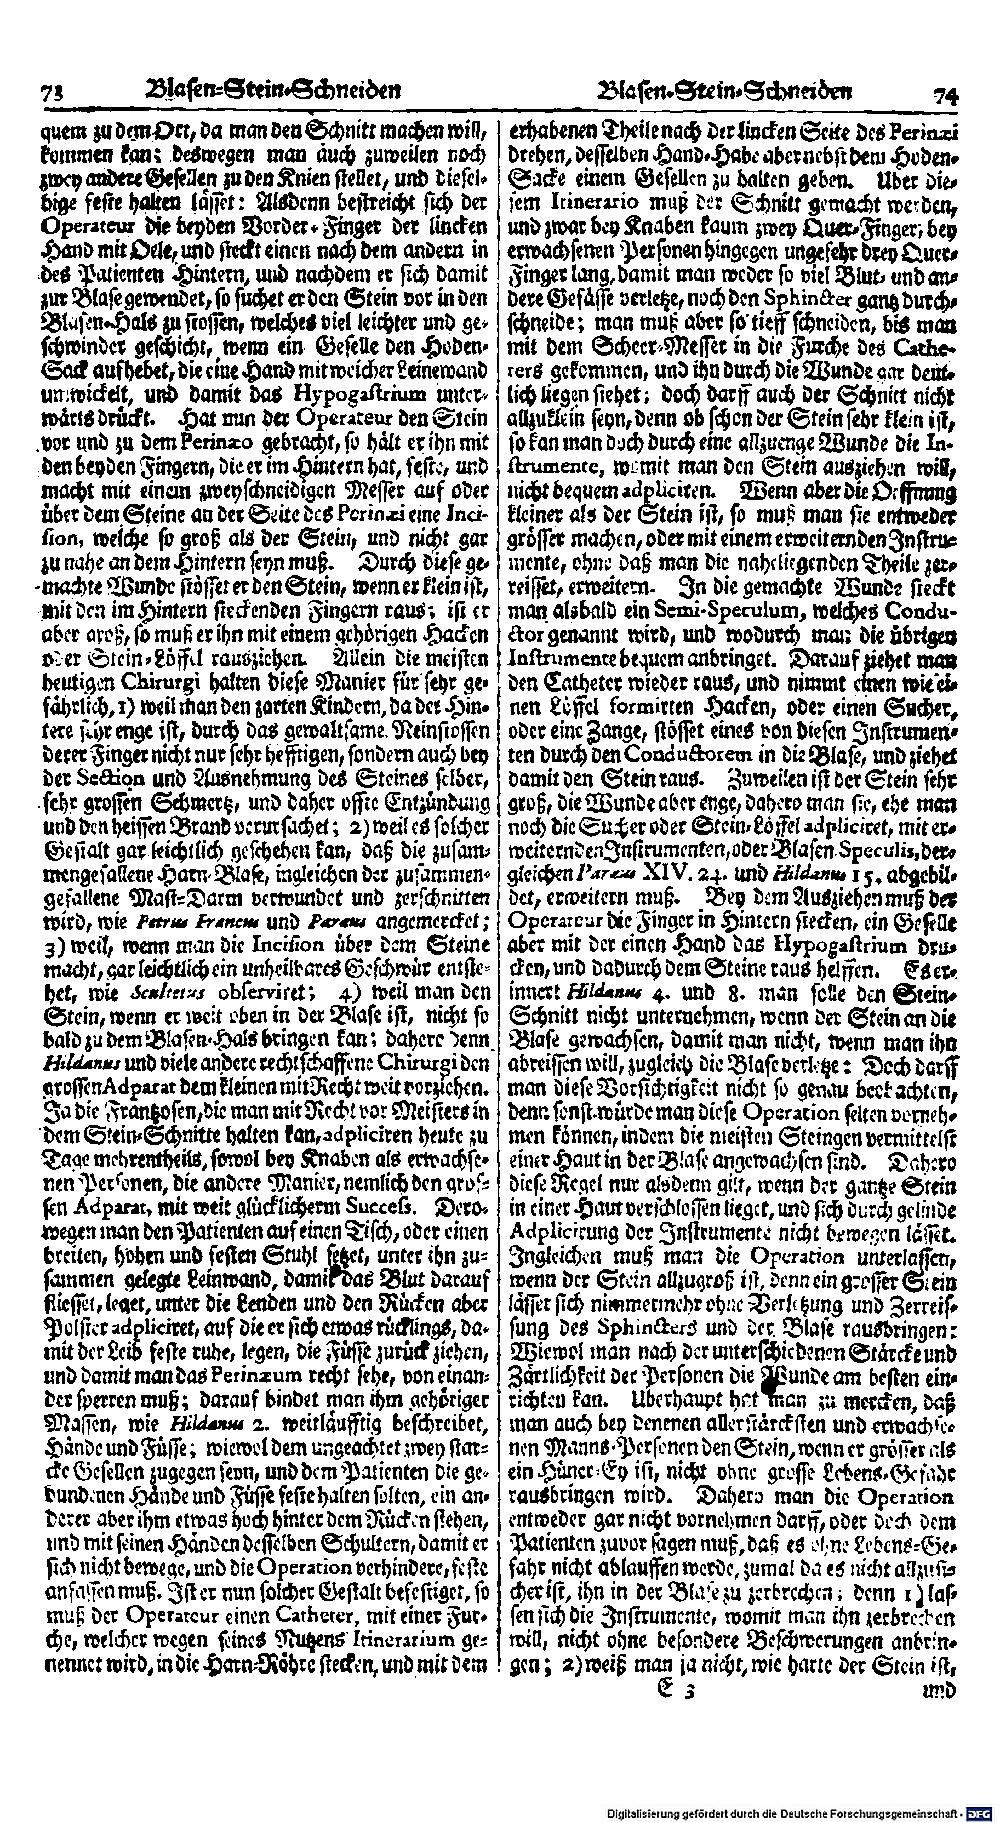 Bd. 4, Seite 0052.